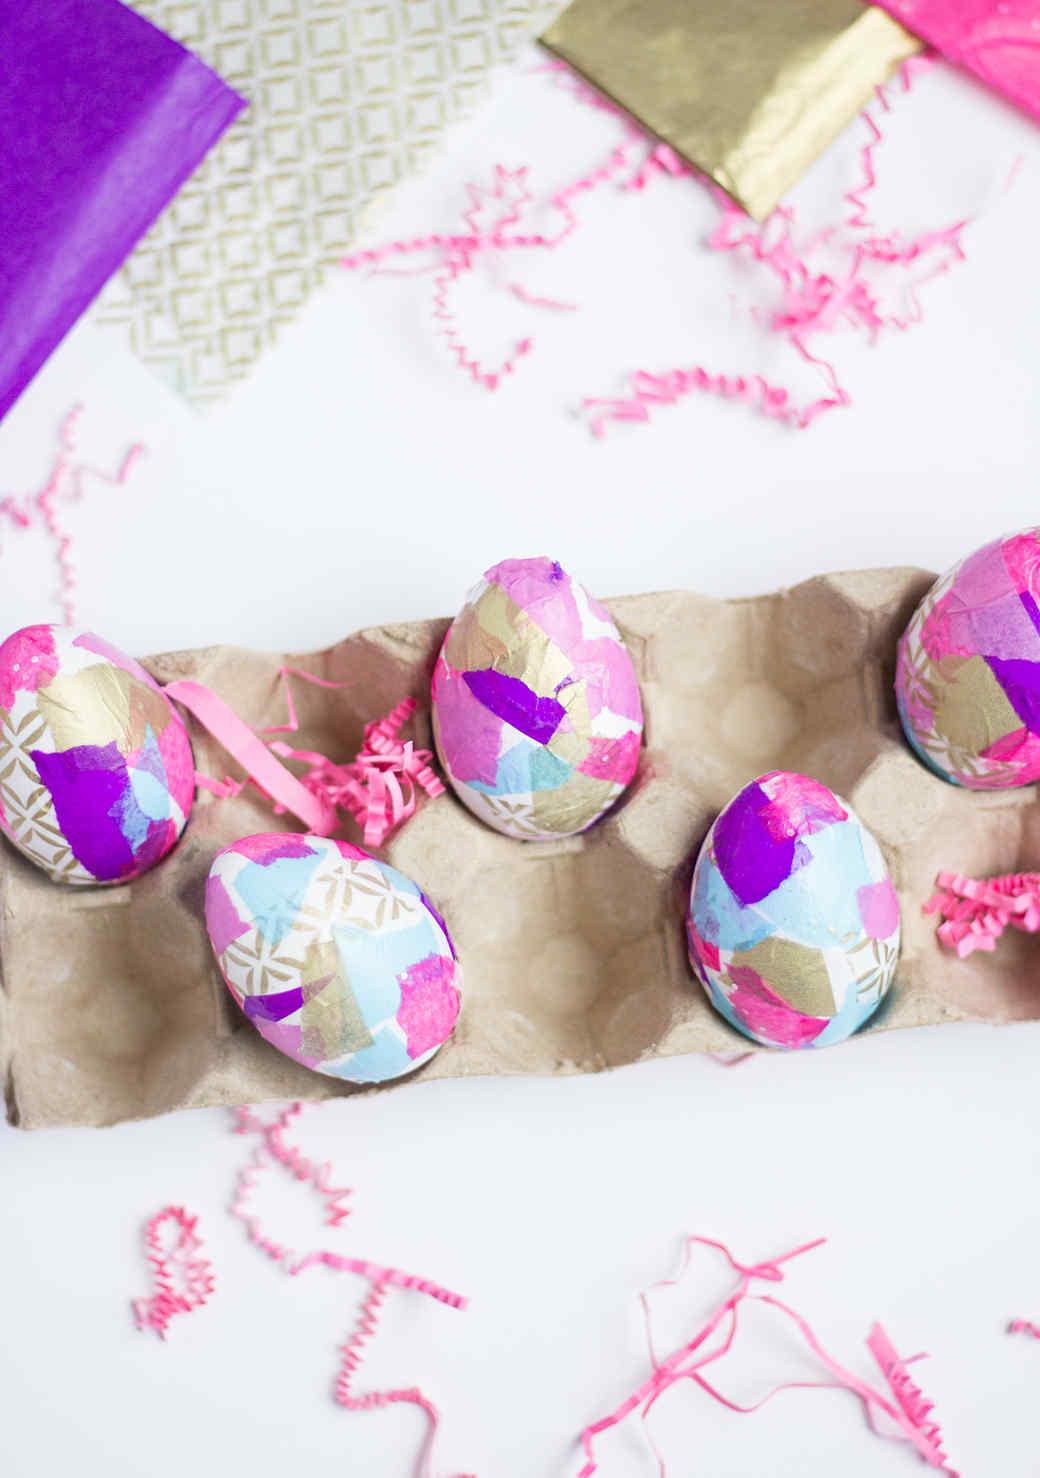 tissue-paper-easter-eggs-1215.jpg (skyword:211135)